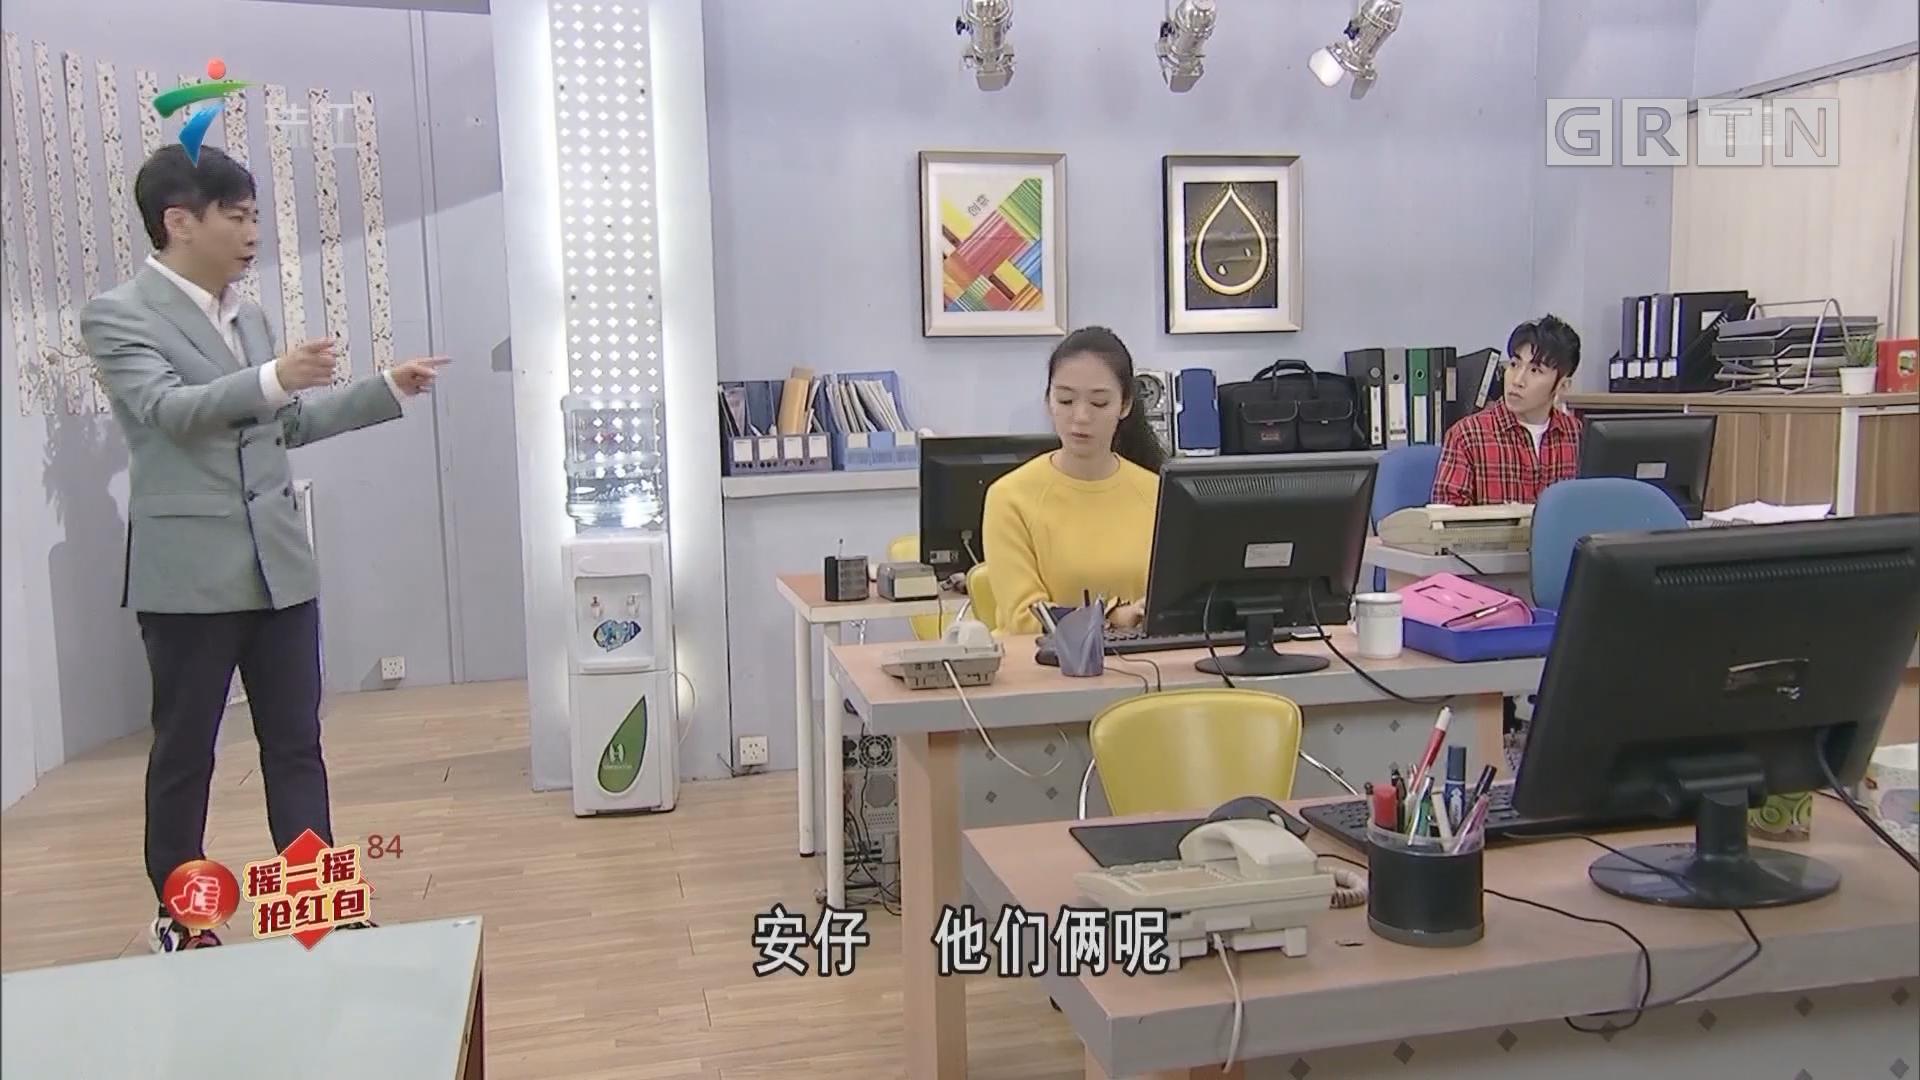 [HD][2019-06-30]外来媳妇本地郎:粽子代我惩罚你(上)